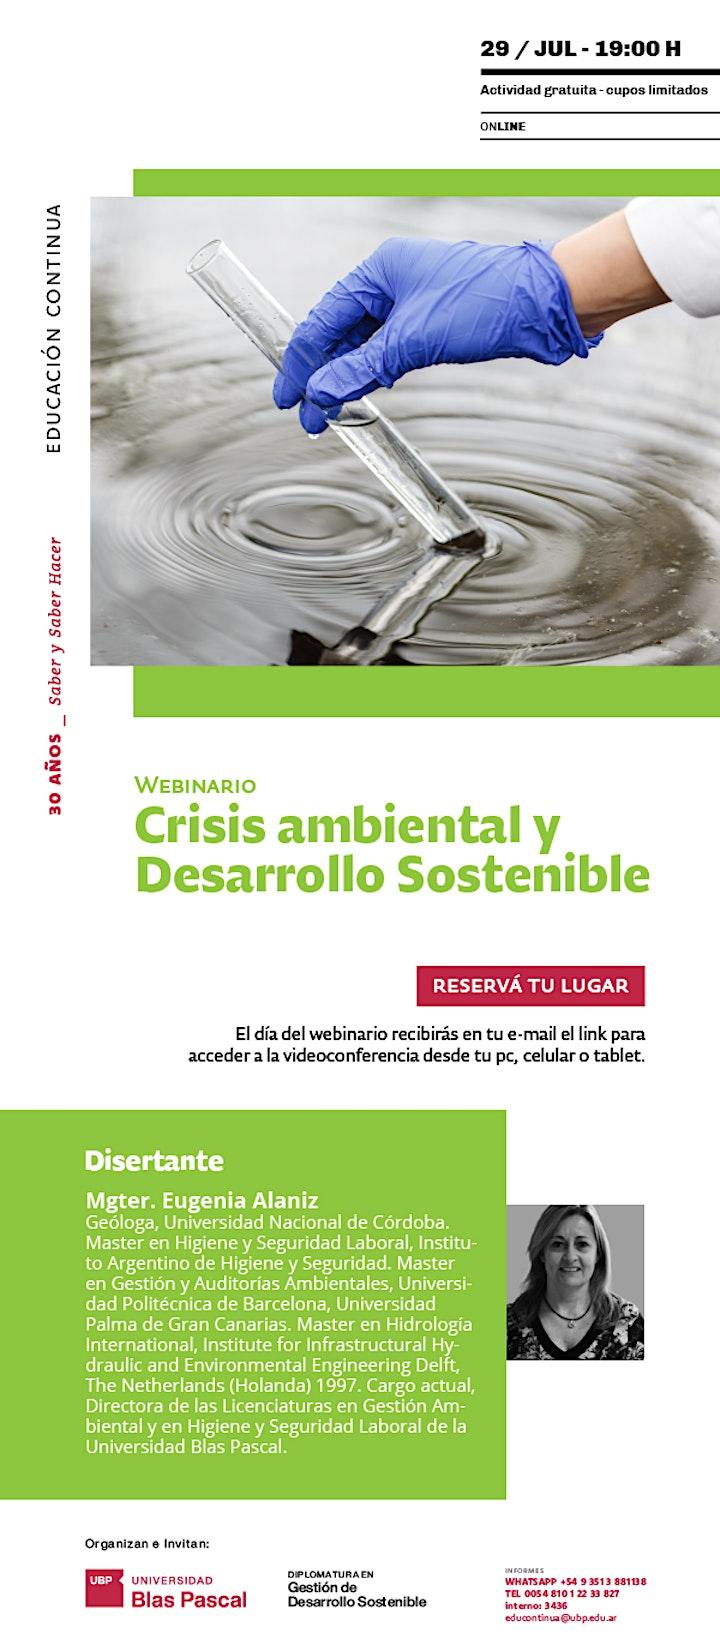 Imagen de Webinario> Crisis ambiental y desarrollo sostenible